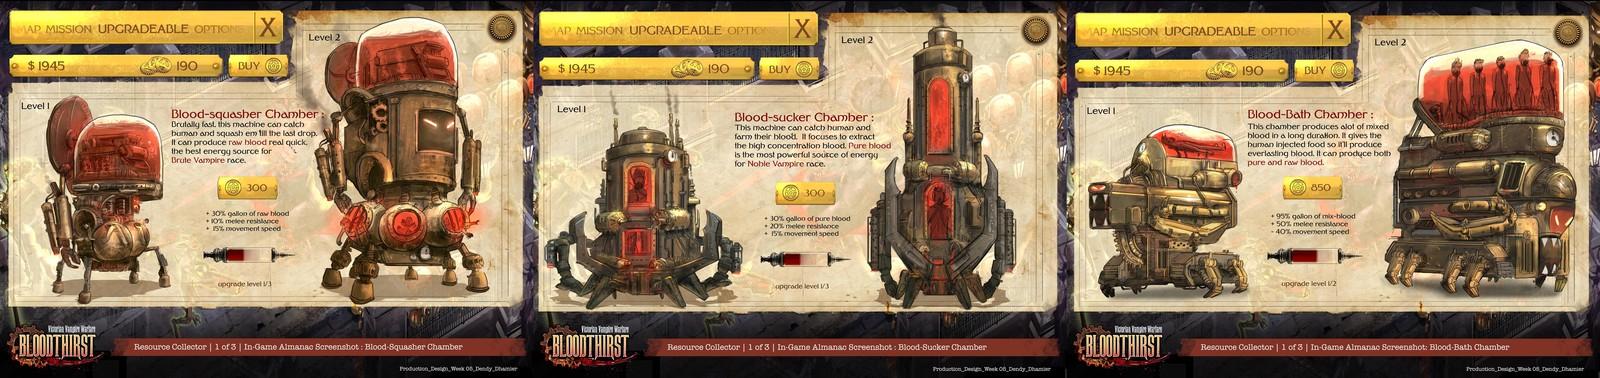 Human blood harvester design.